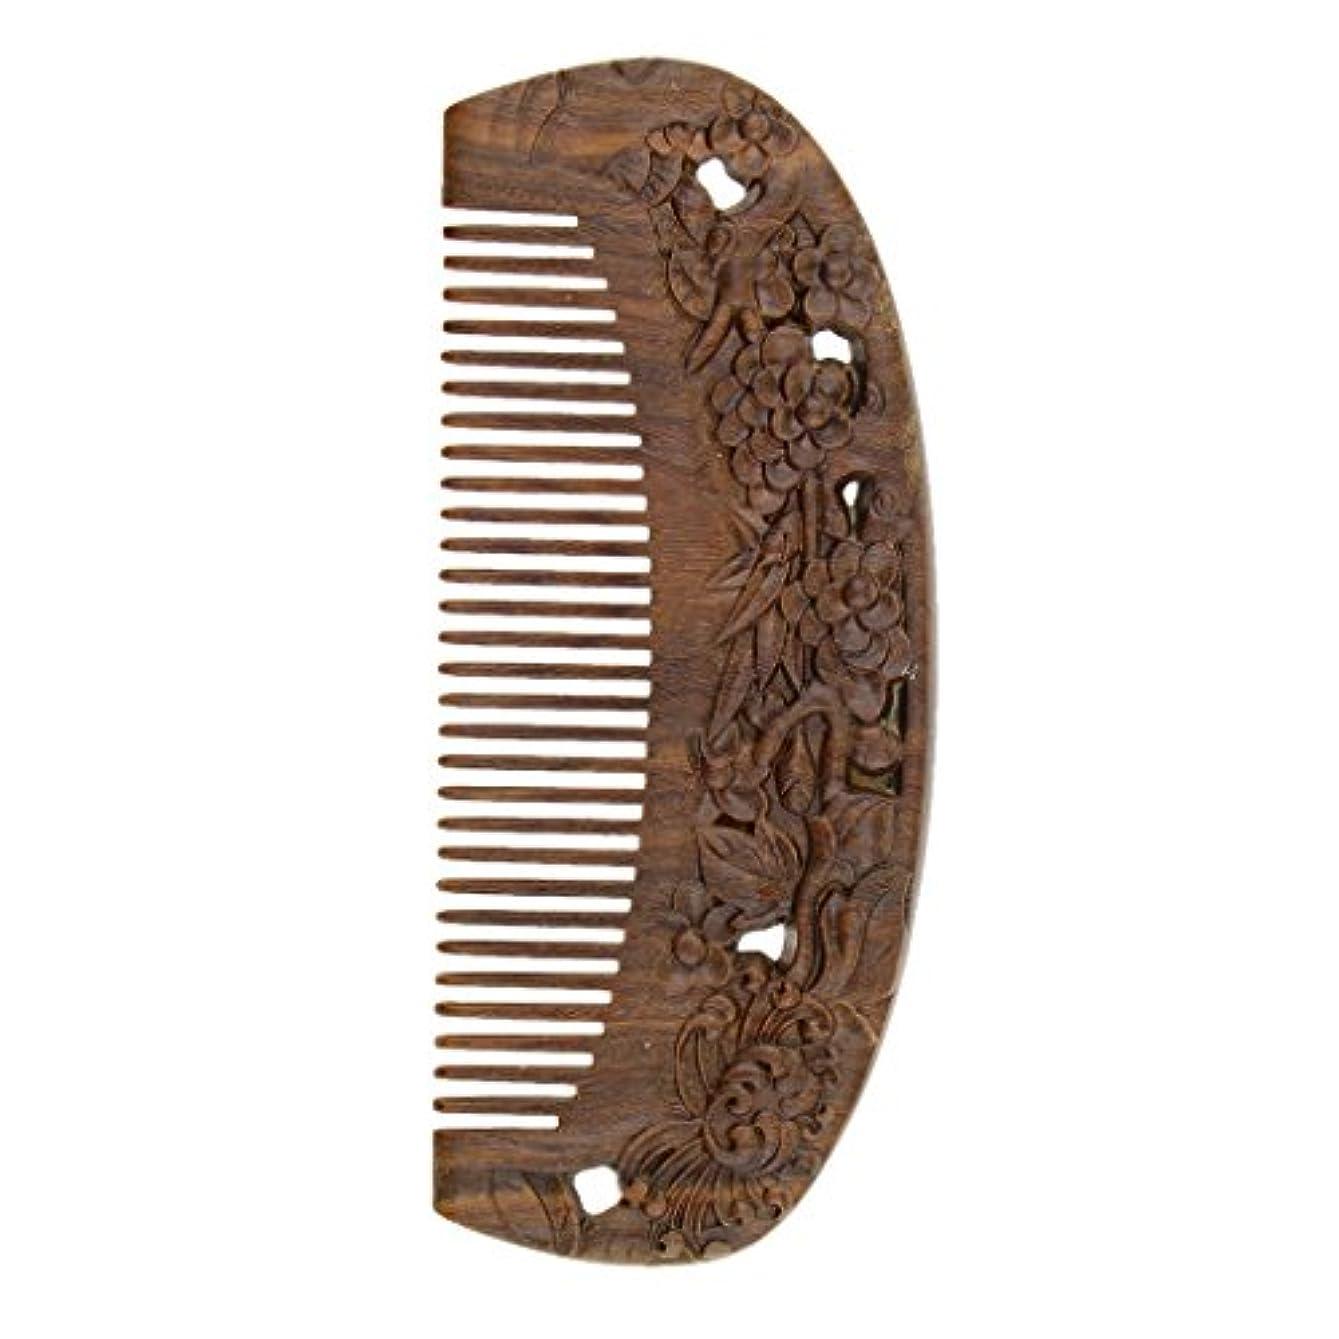 チャネル権限を与えるアスレチックウッドコーム 天然木製 高品質 木製櫛 ワイド歯 ヘアブラシ ヘアスタイリング ヘアコーム 2タイプ選べる - #2